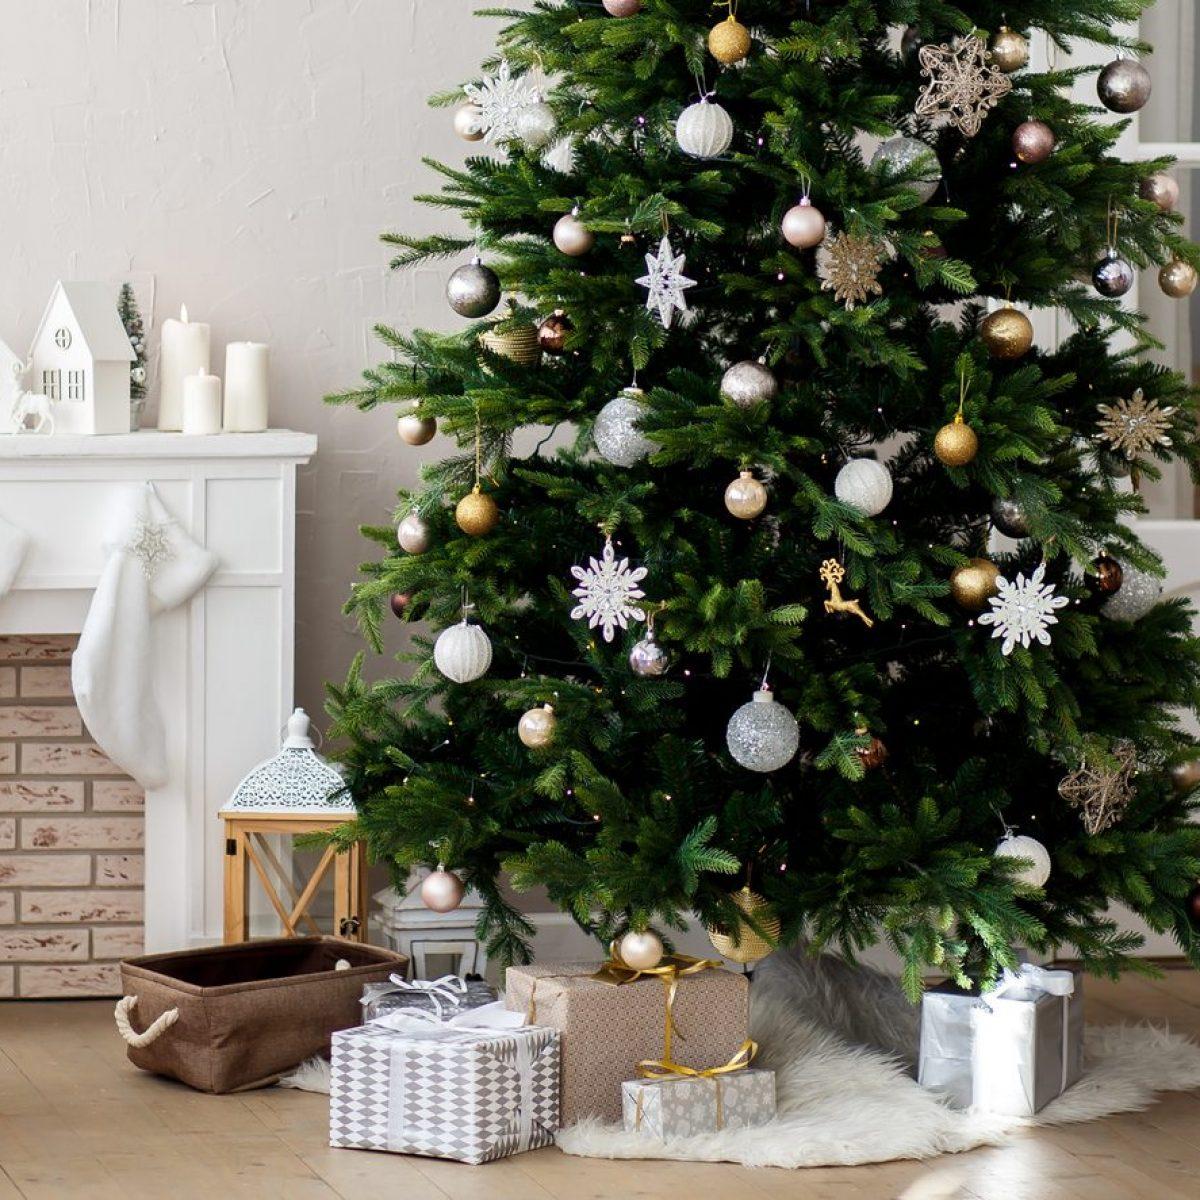 Albero Di Natale Addobbato Foto.Albero Di Natale 2019 Tendenze Colori E Addobbi